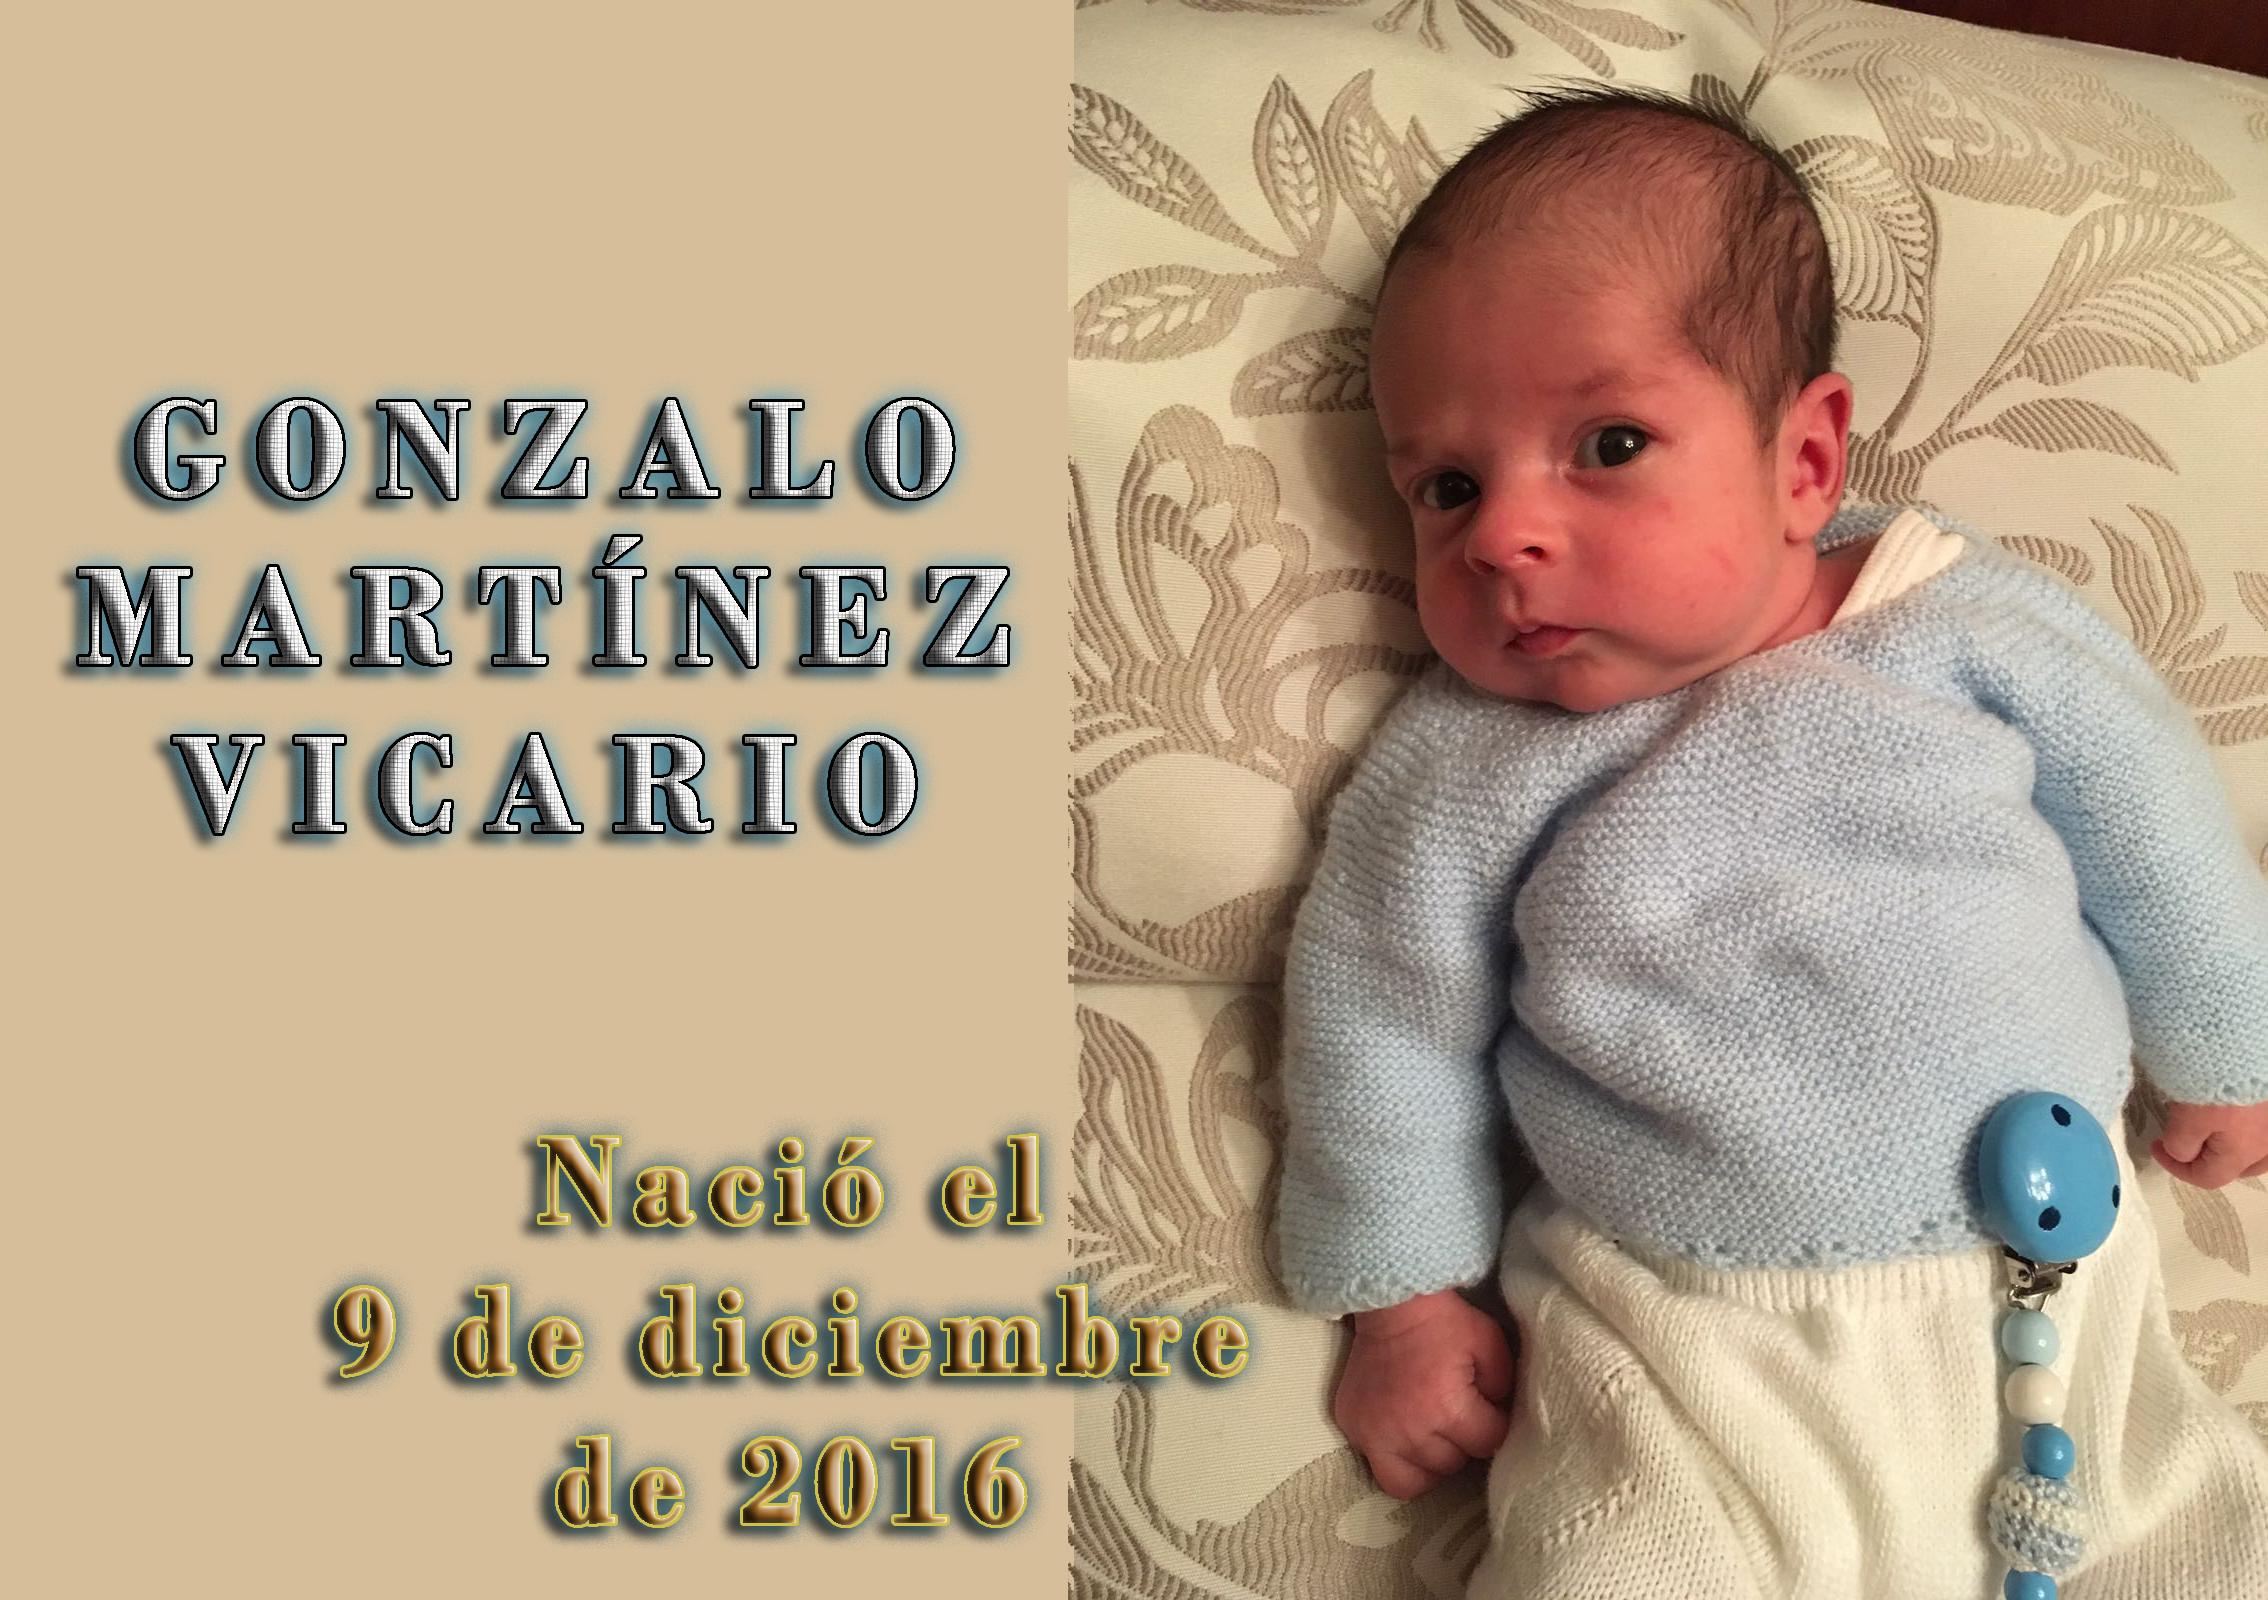 Gonzalo Martínez Vicario, nació el 9-12-2016